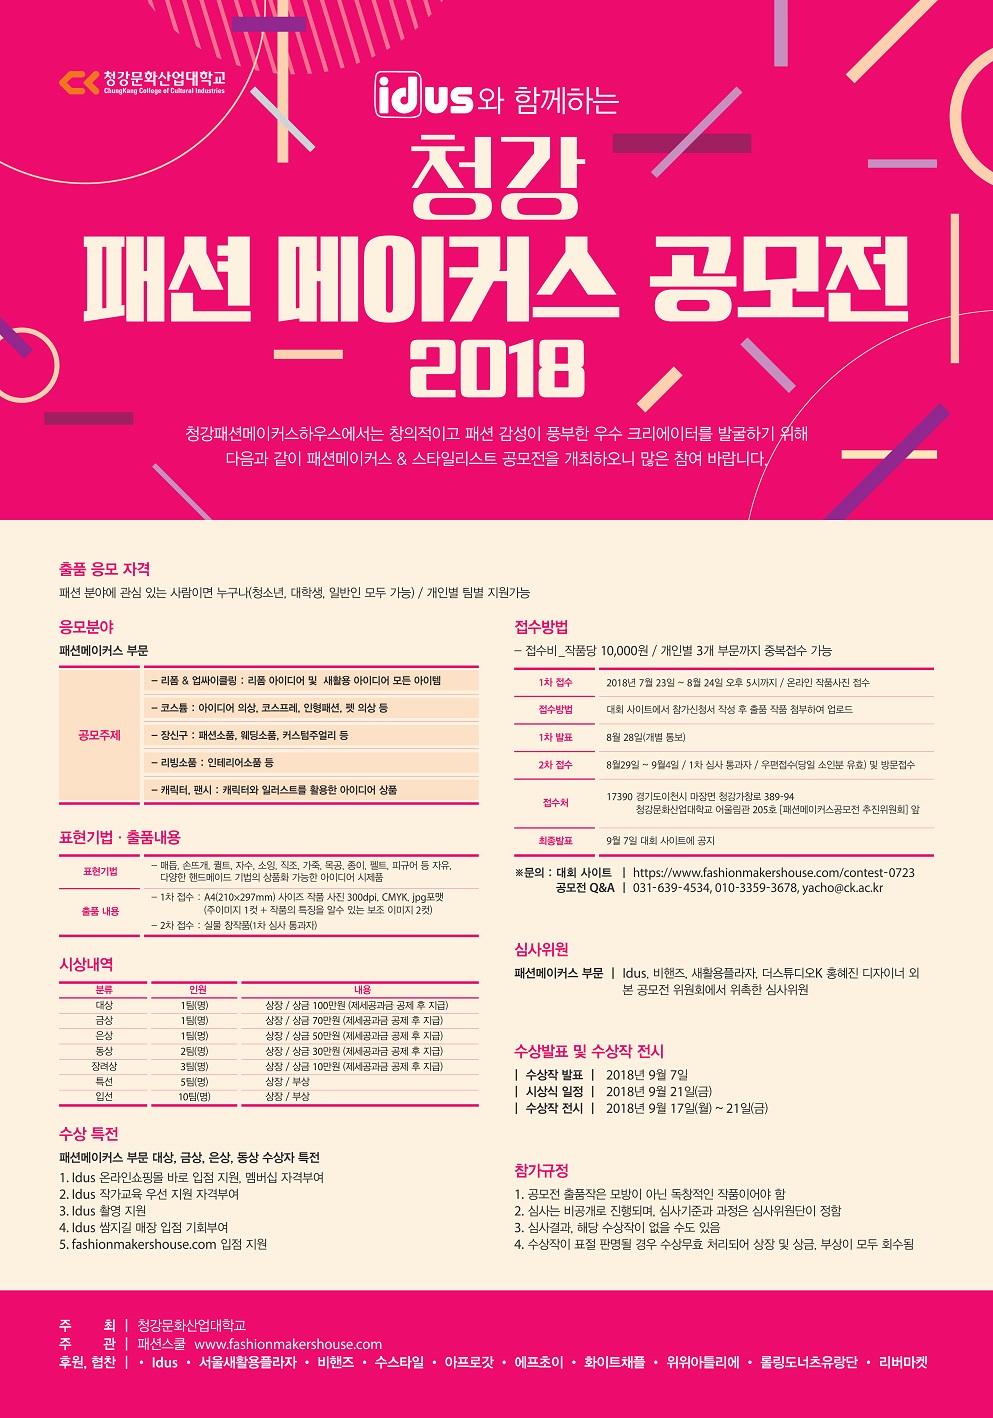 Idus와 함께하는 청강 패션메이커스 공모전 2018